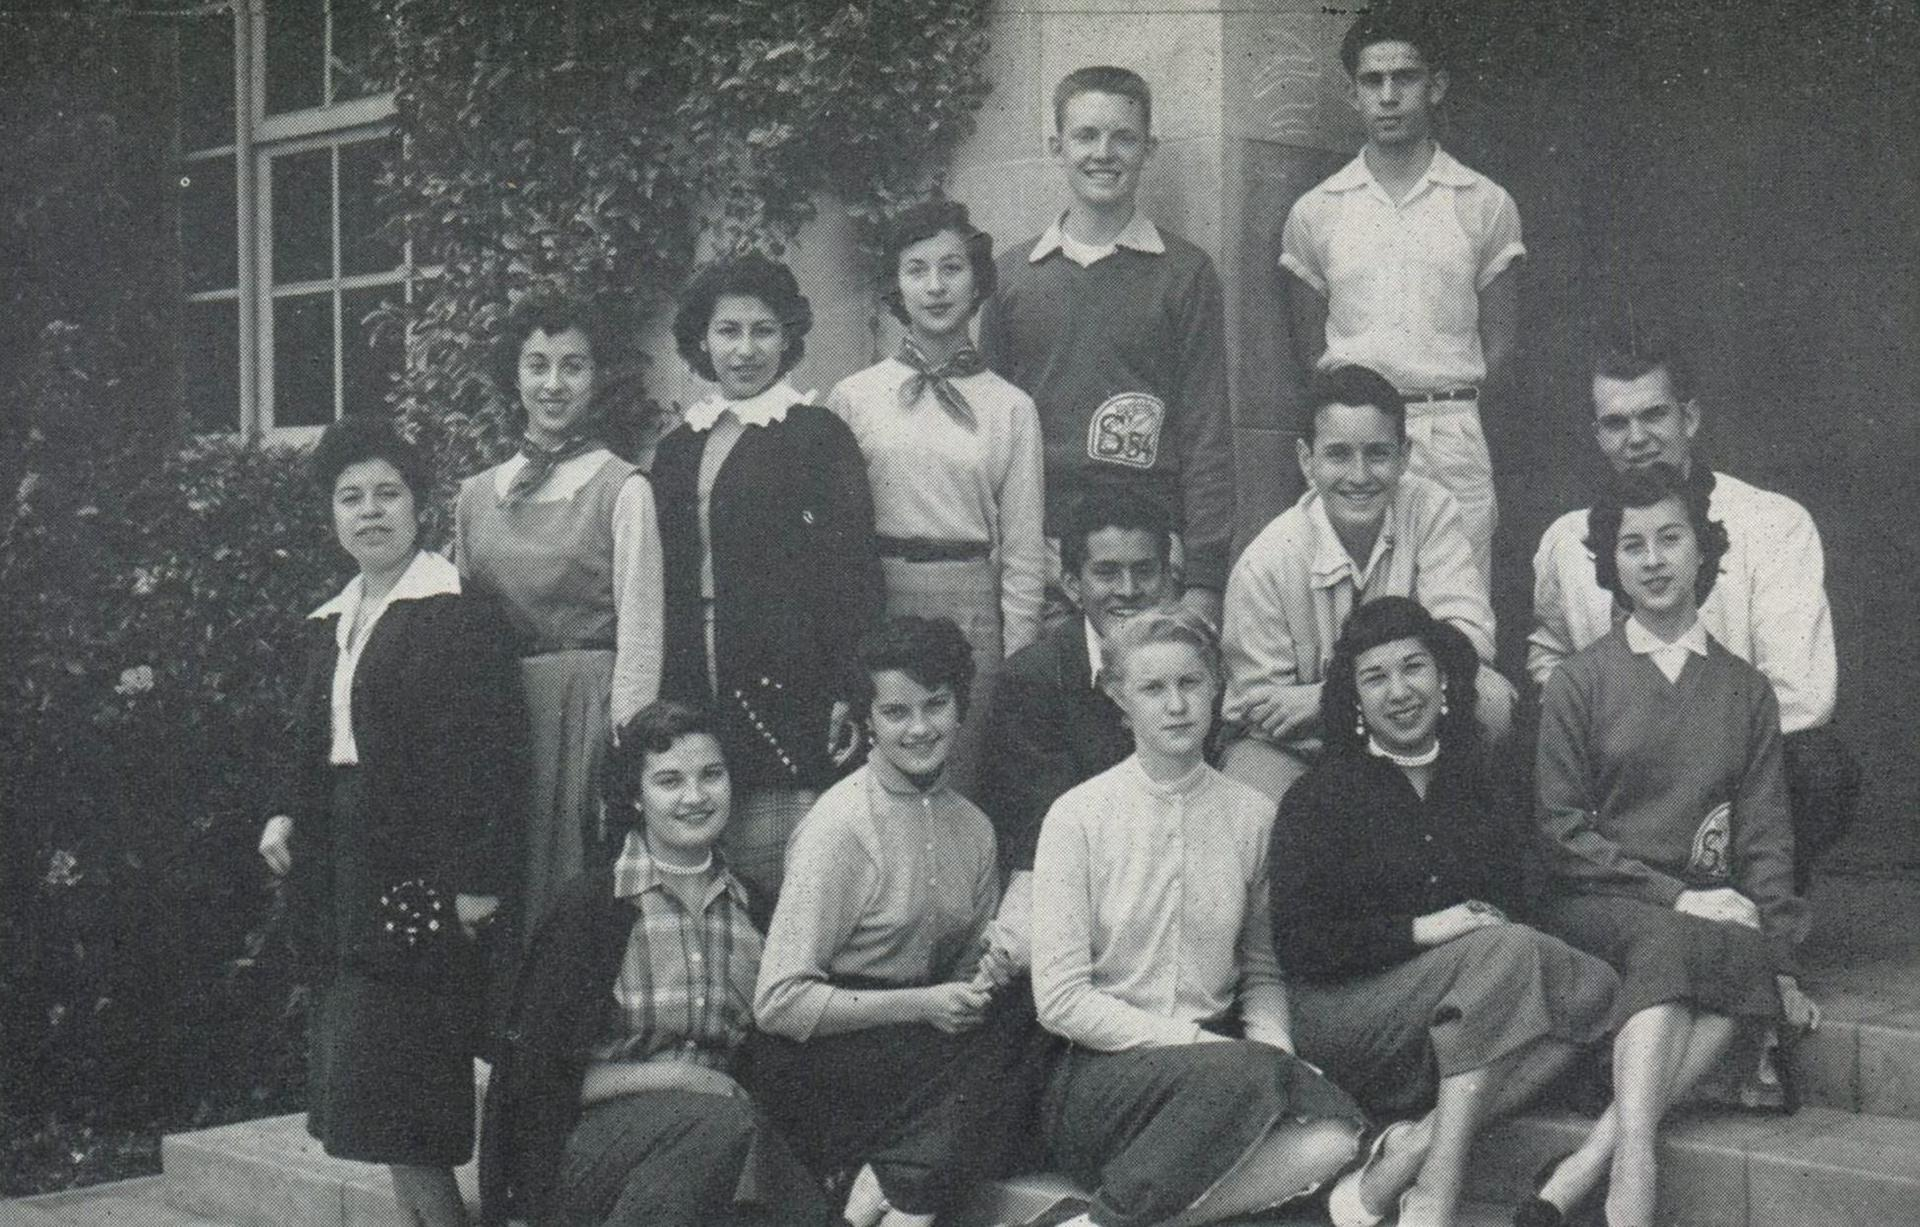 World Affairs Club 1954